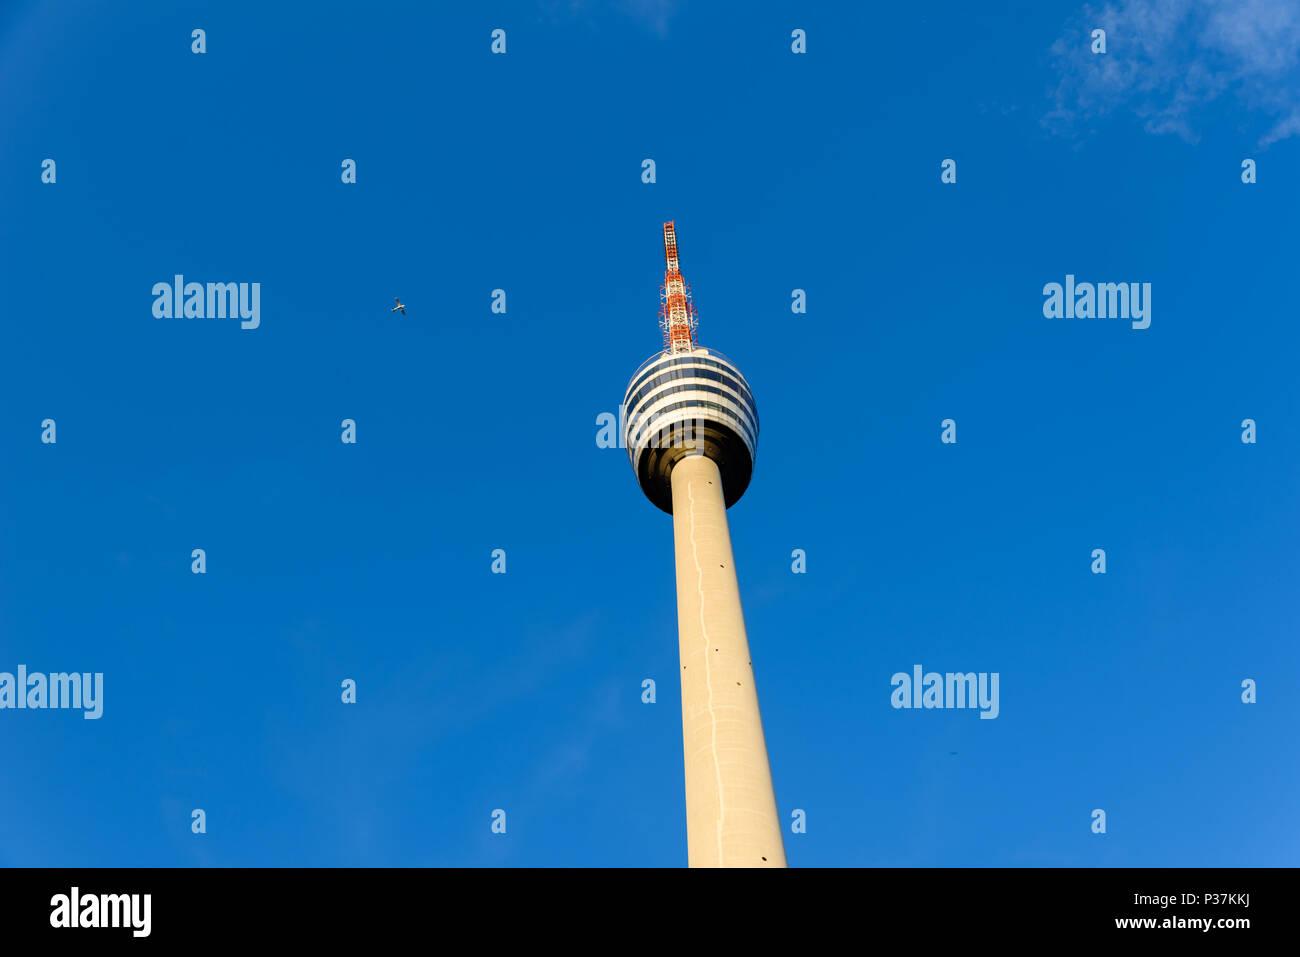 A Torre de Televisão em Stuttgart, Alemanha - primeiro a torre de televisão do mundo - Avião no fundo Imagens de Stock